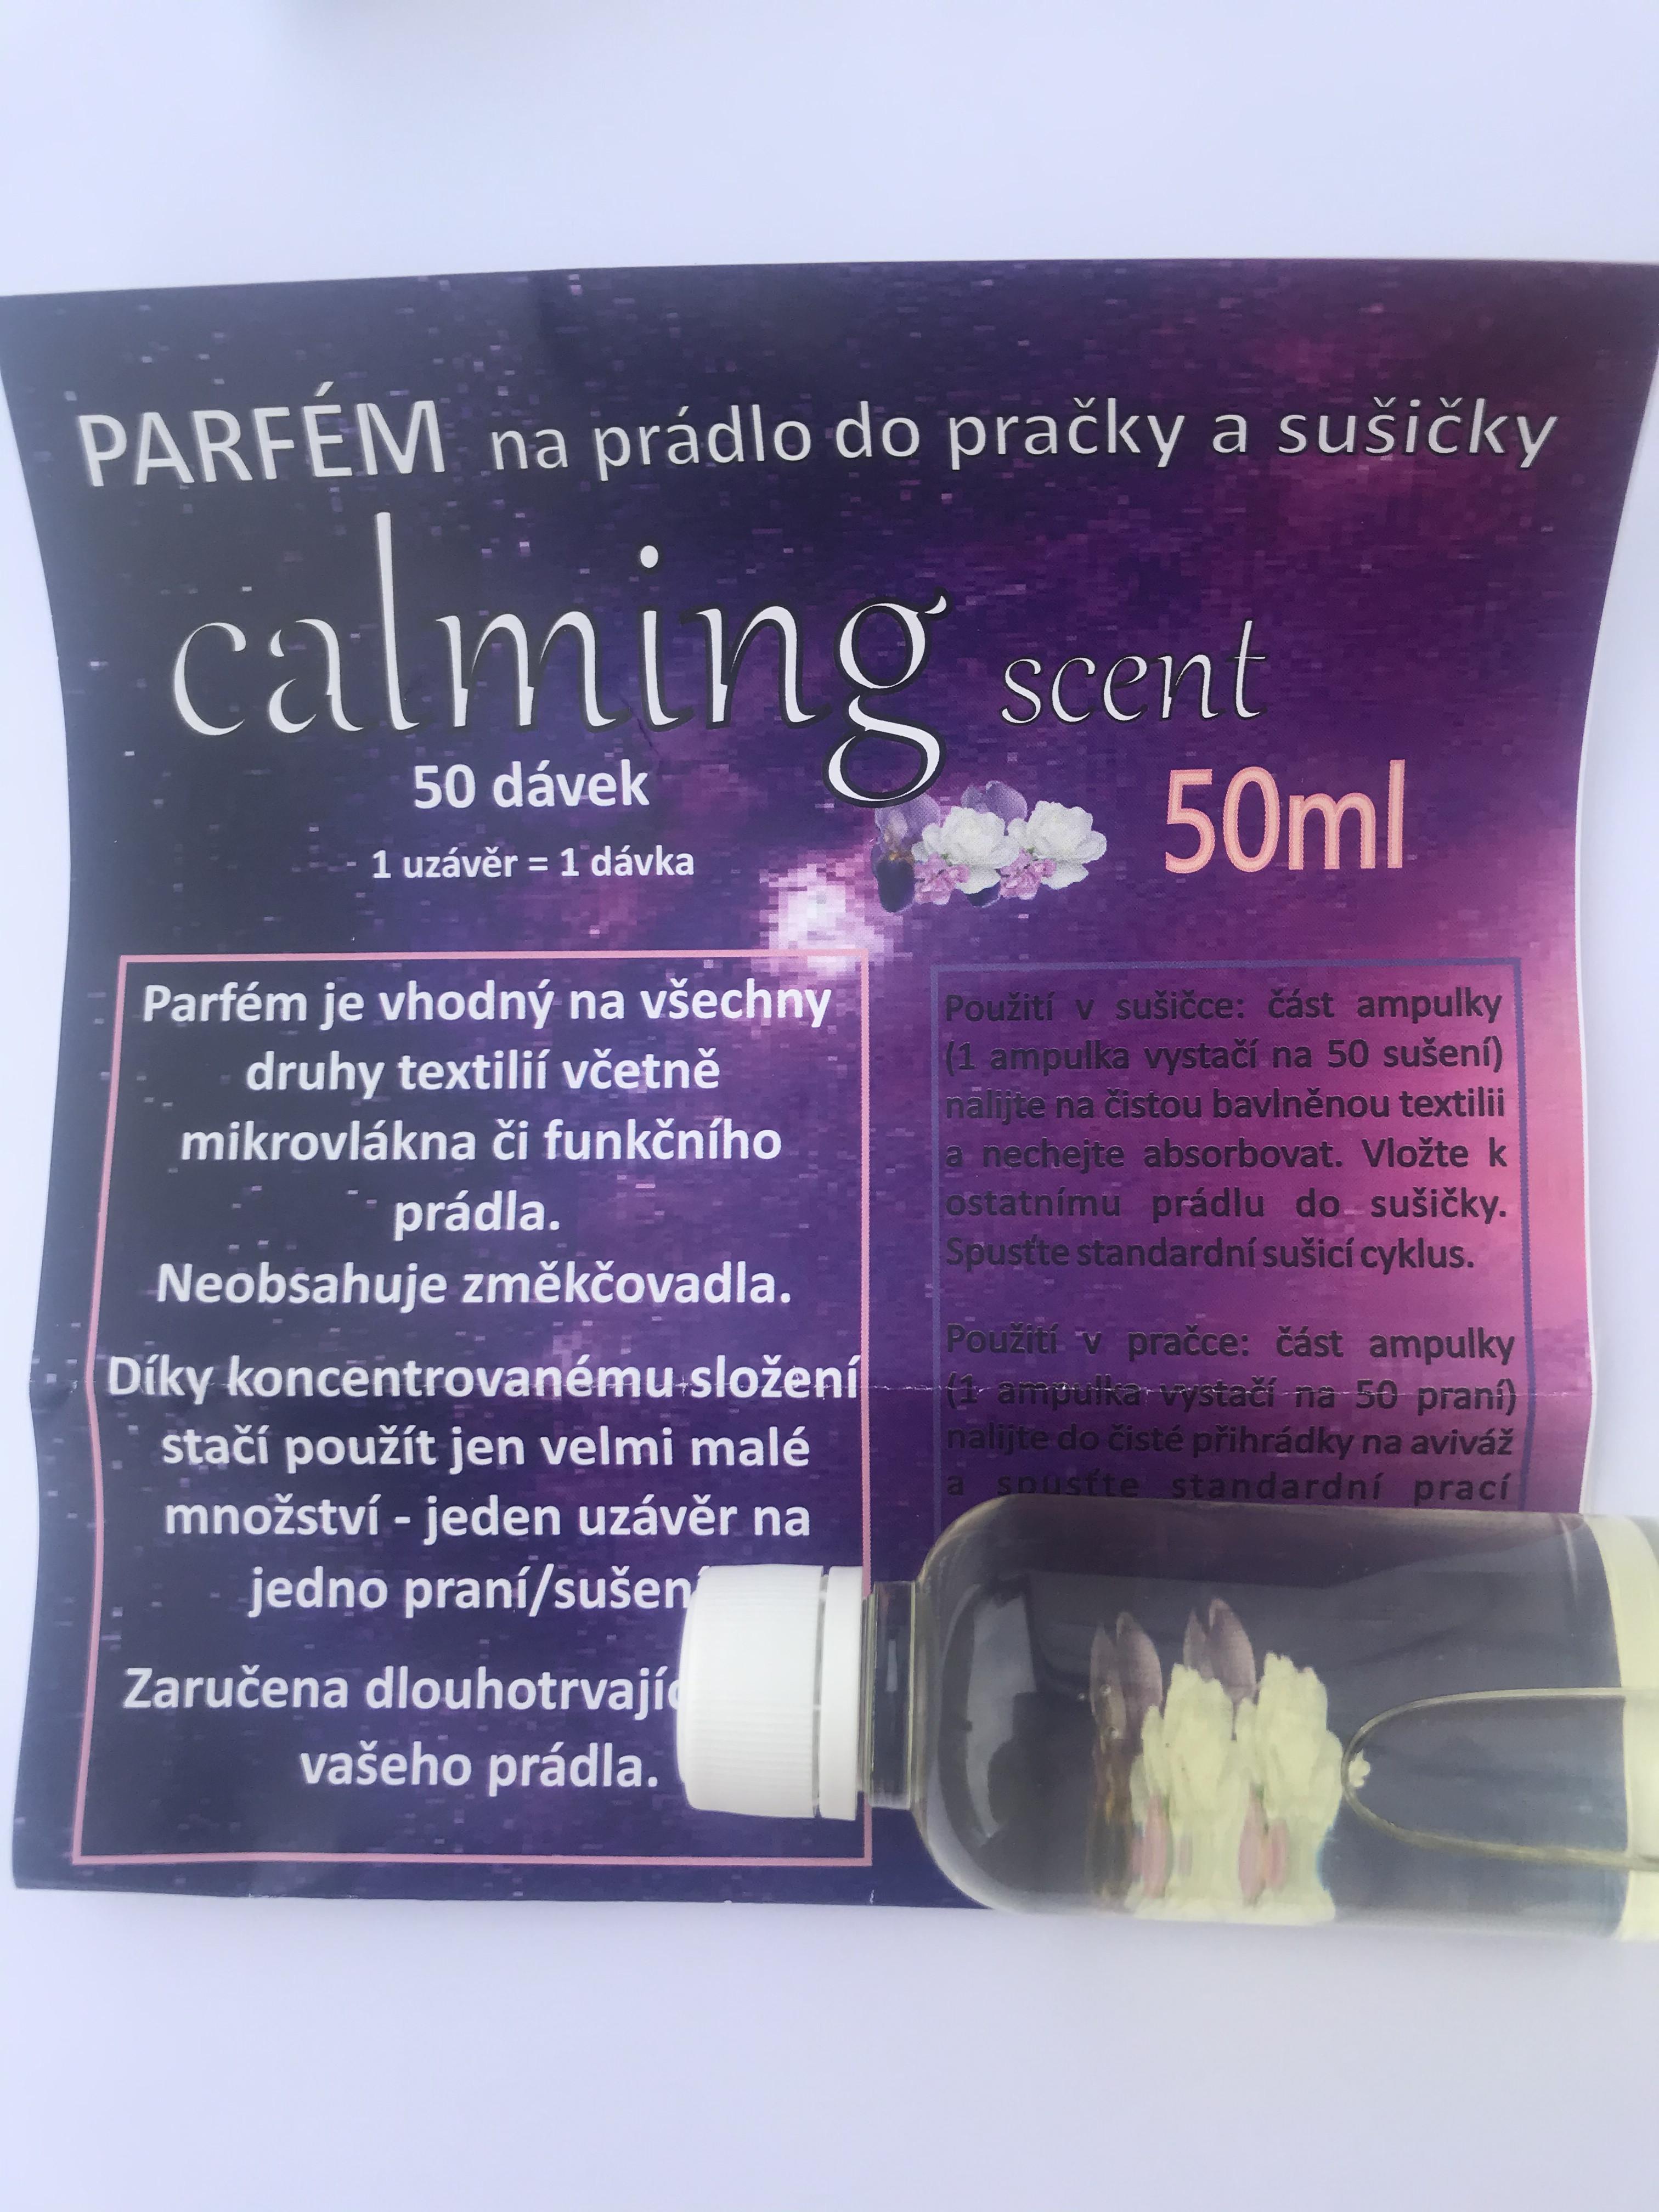 Parfém na prádlo do pračky a sušičky 50ml vůně Calming Scent (50 dávek)